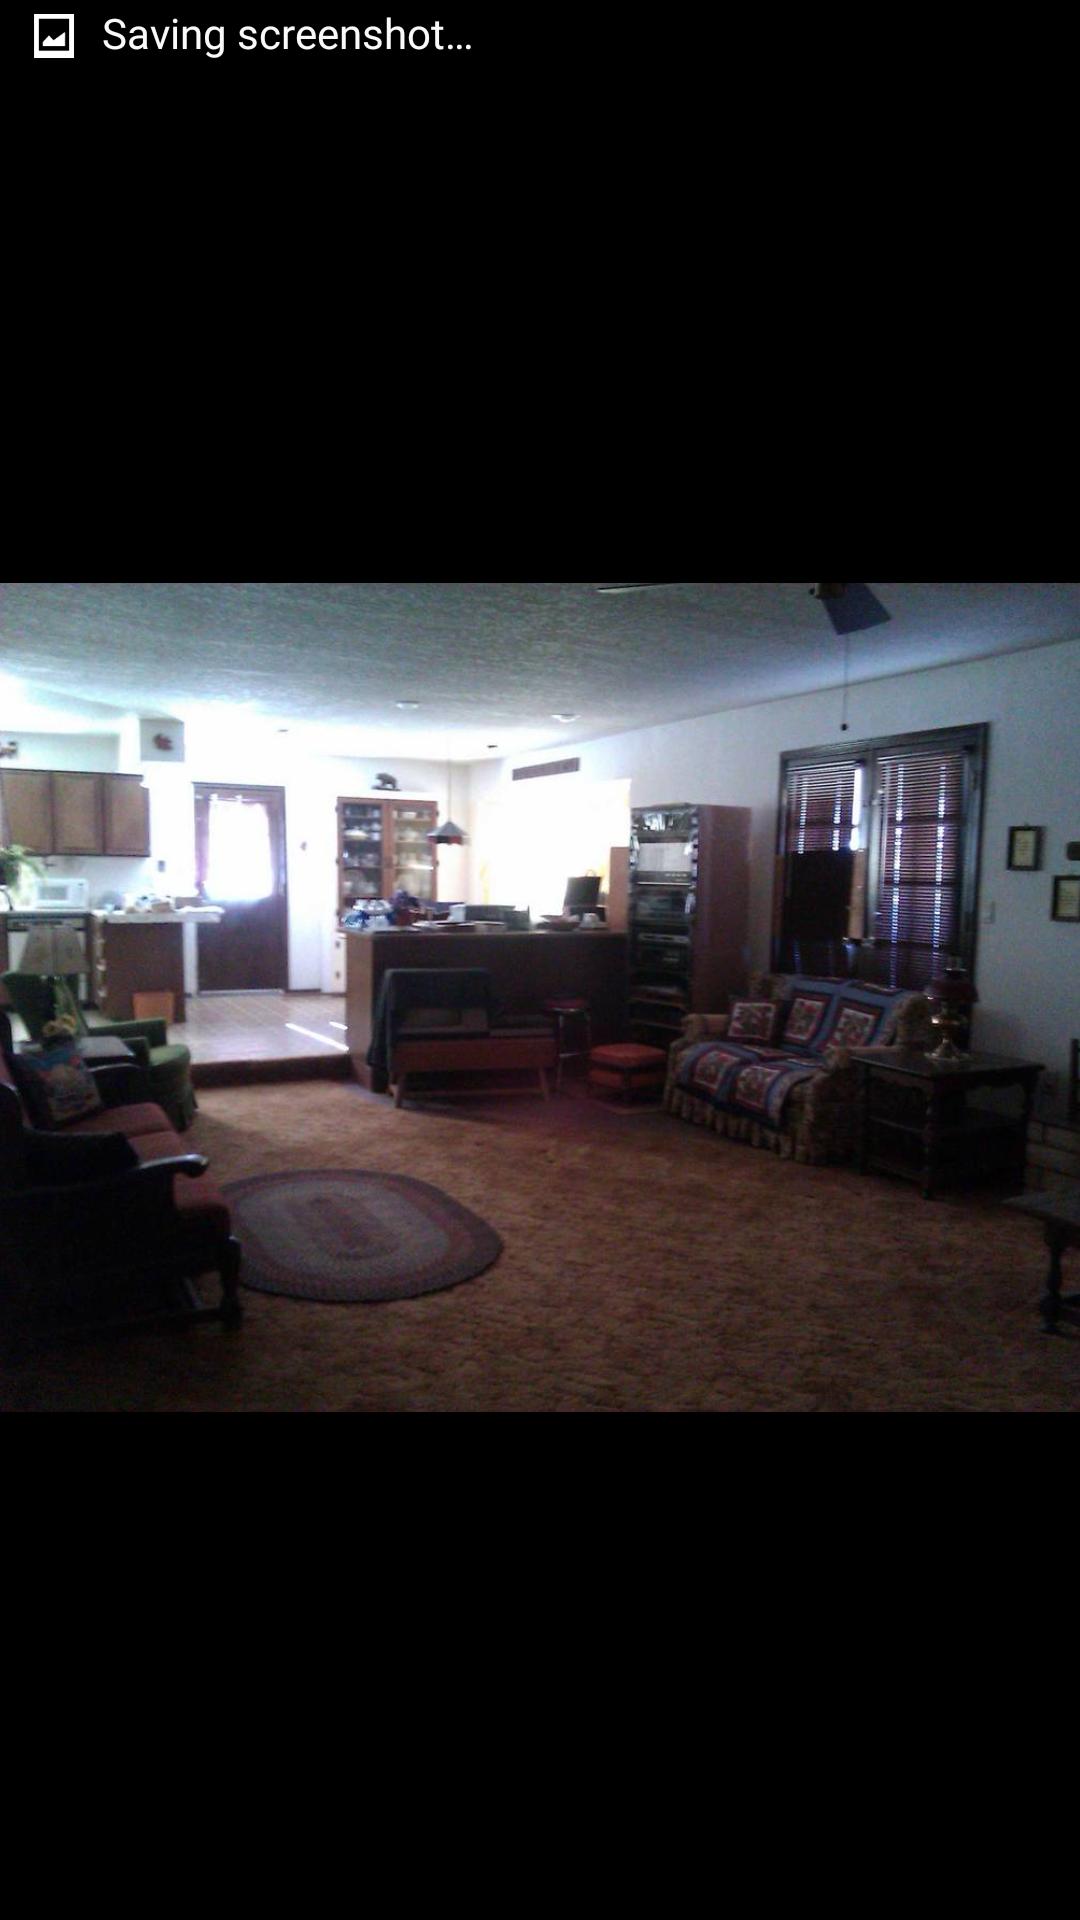 New mexico dona ana county garfield - New Mexico Dona Ana County Garfield 25